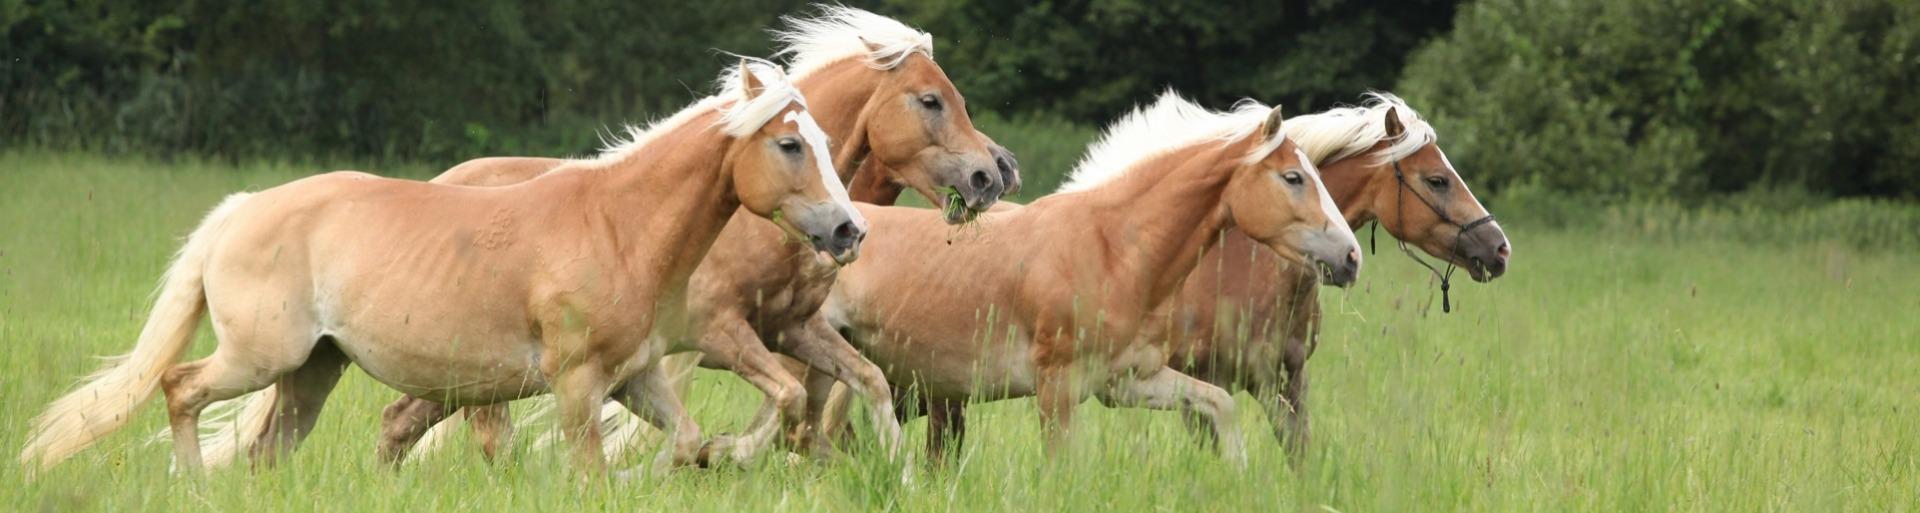 Haflinger paarden